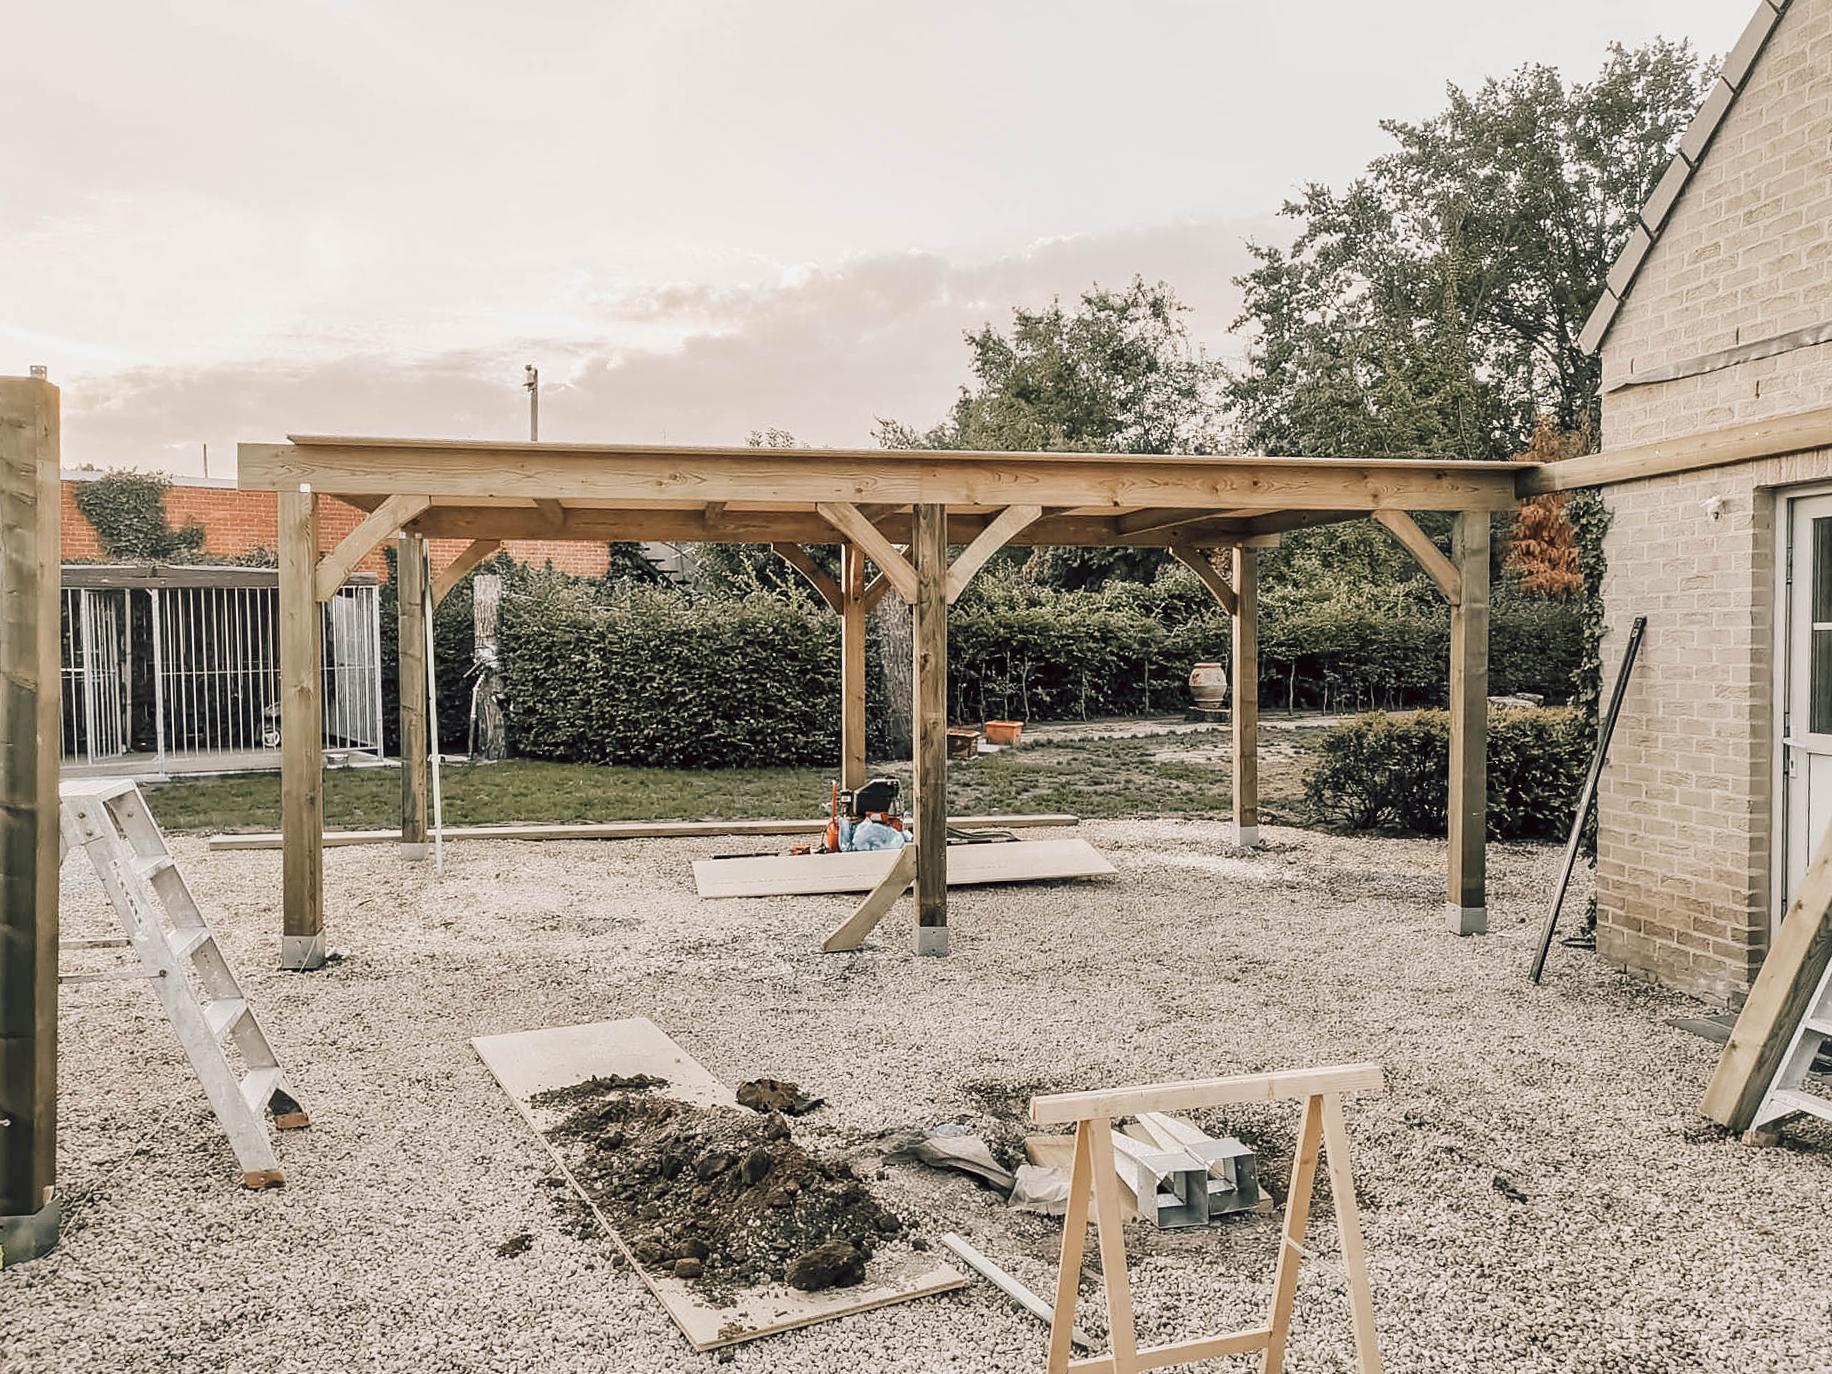 carport-genk-zonnepanelen-ecotrading-houtbewerking-buitenschrijnwerk